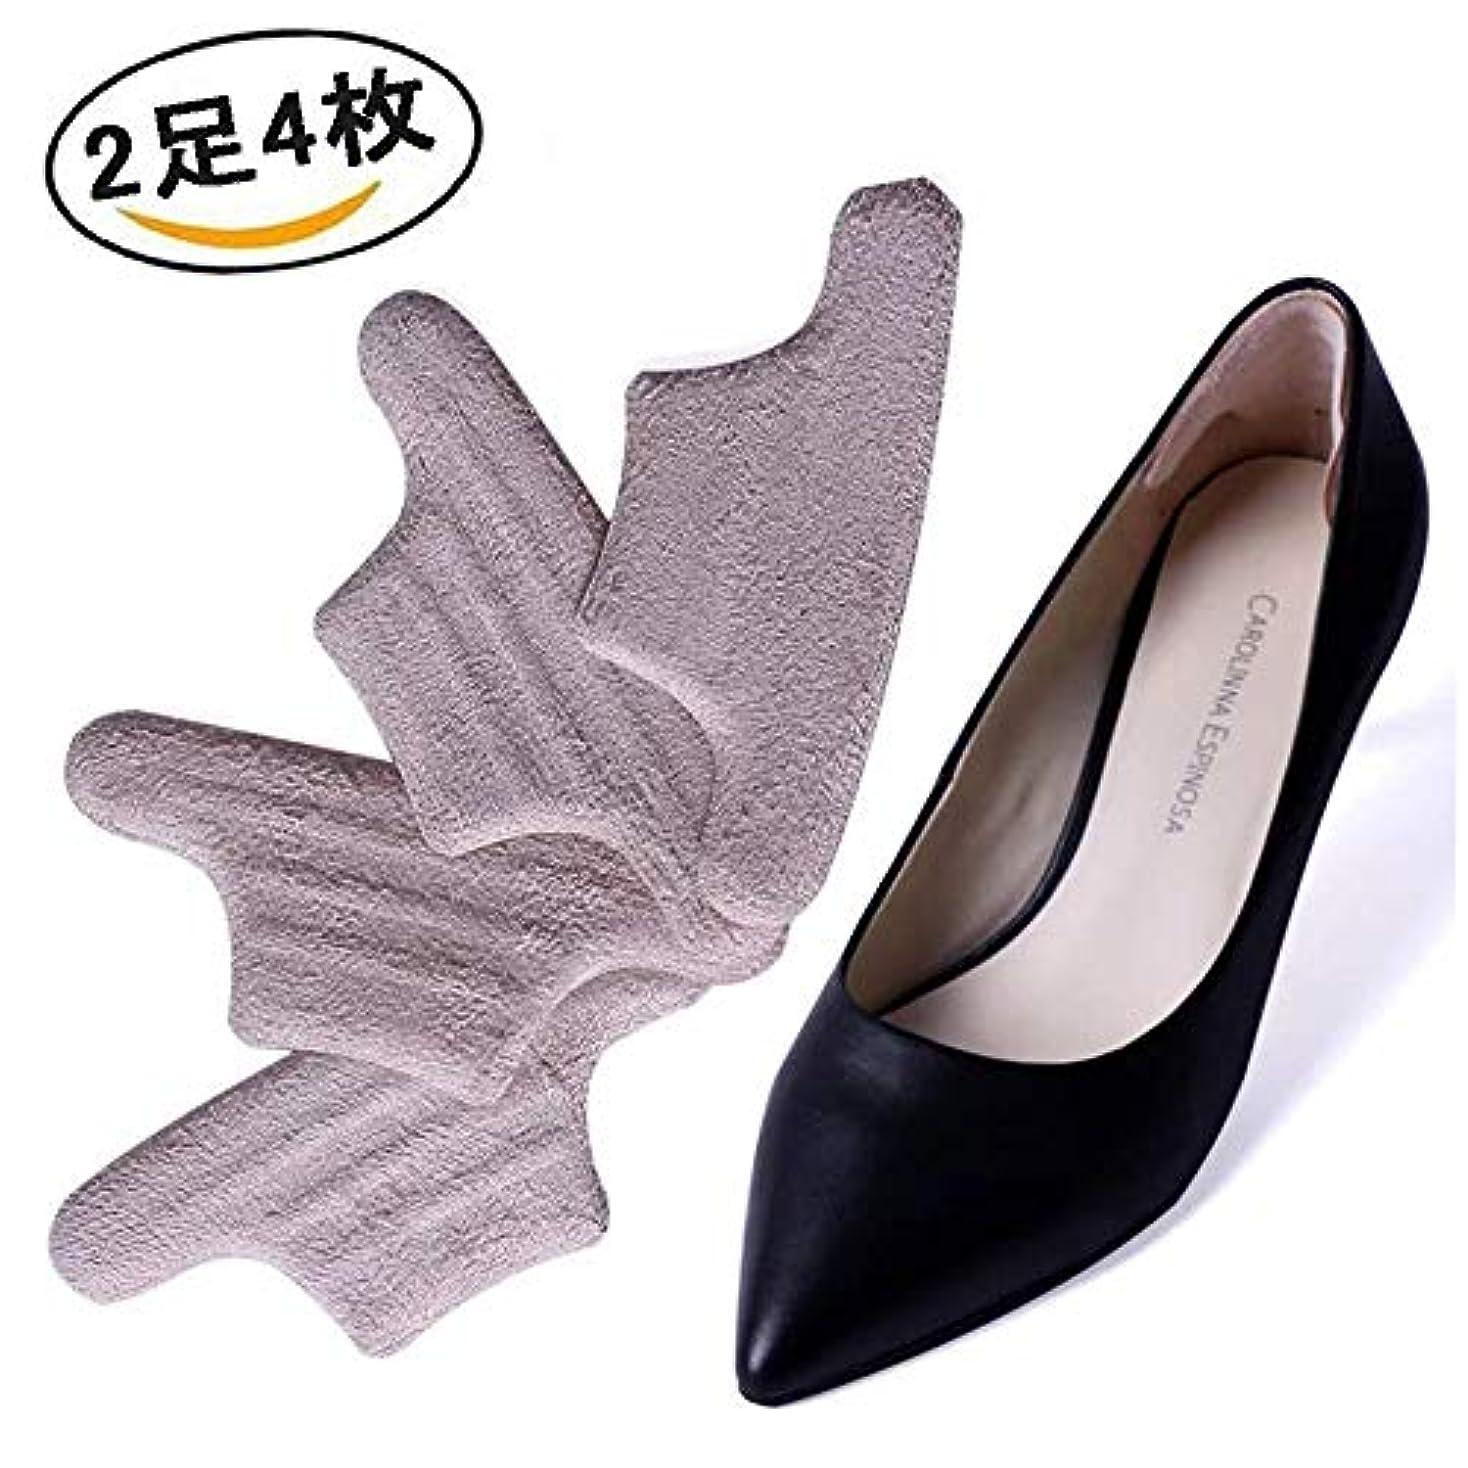 哺乳類アリスクラップブック2足セット4枚入り 靴ずれ防止 かかとパッド 靴擦れ